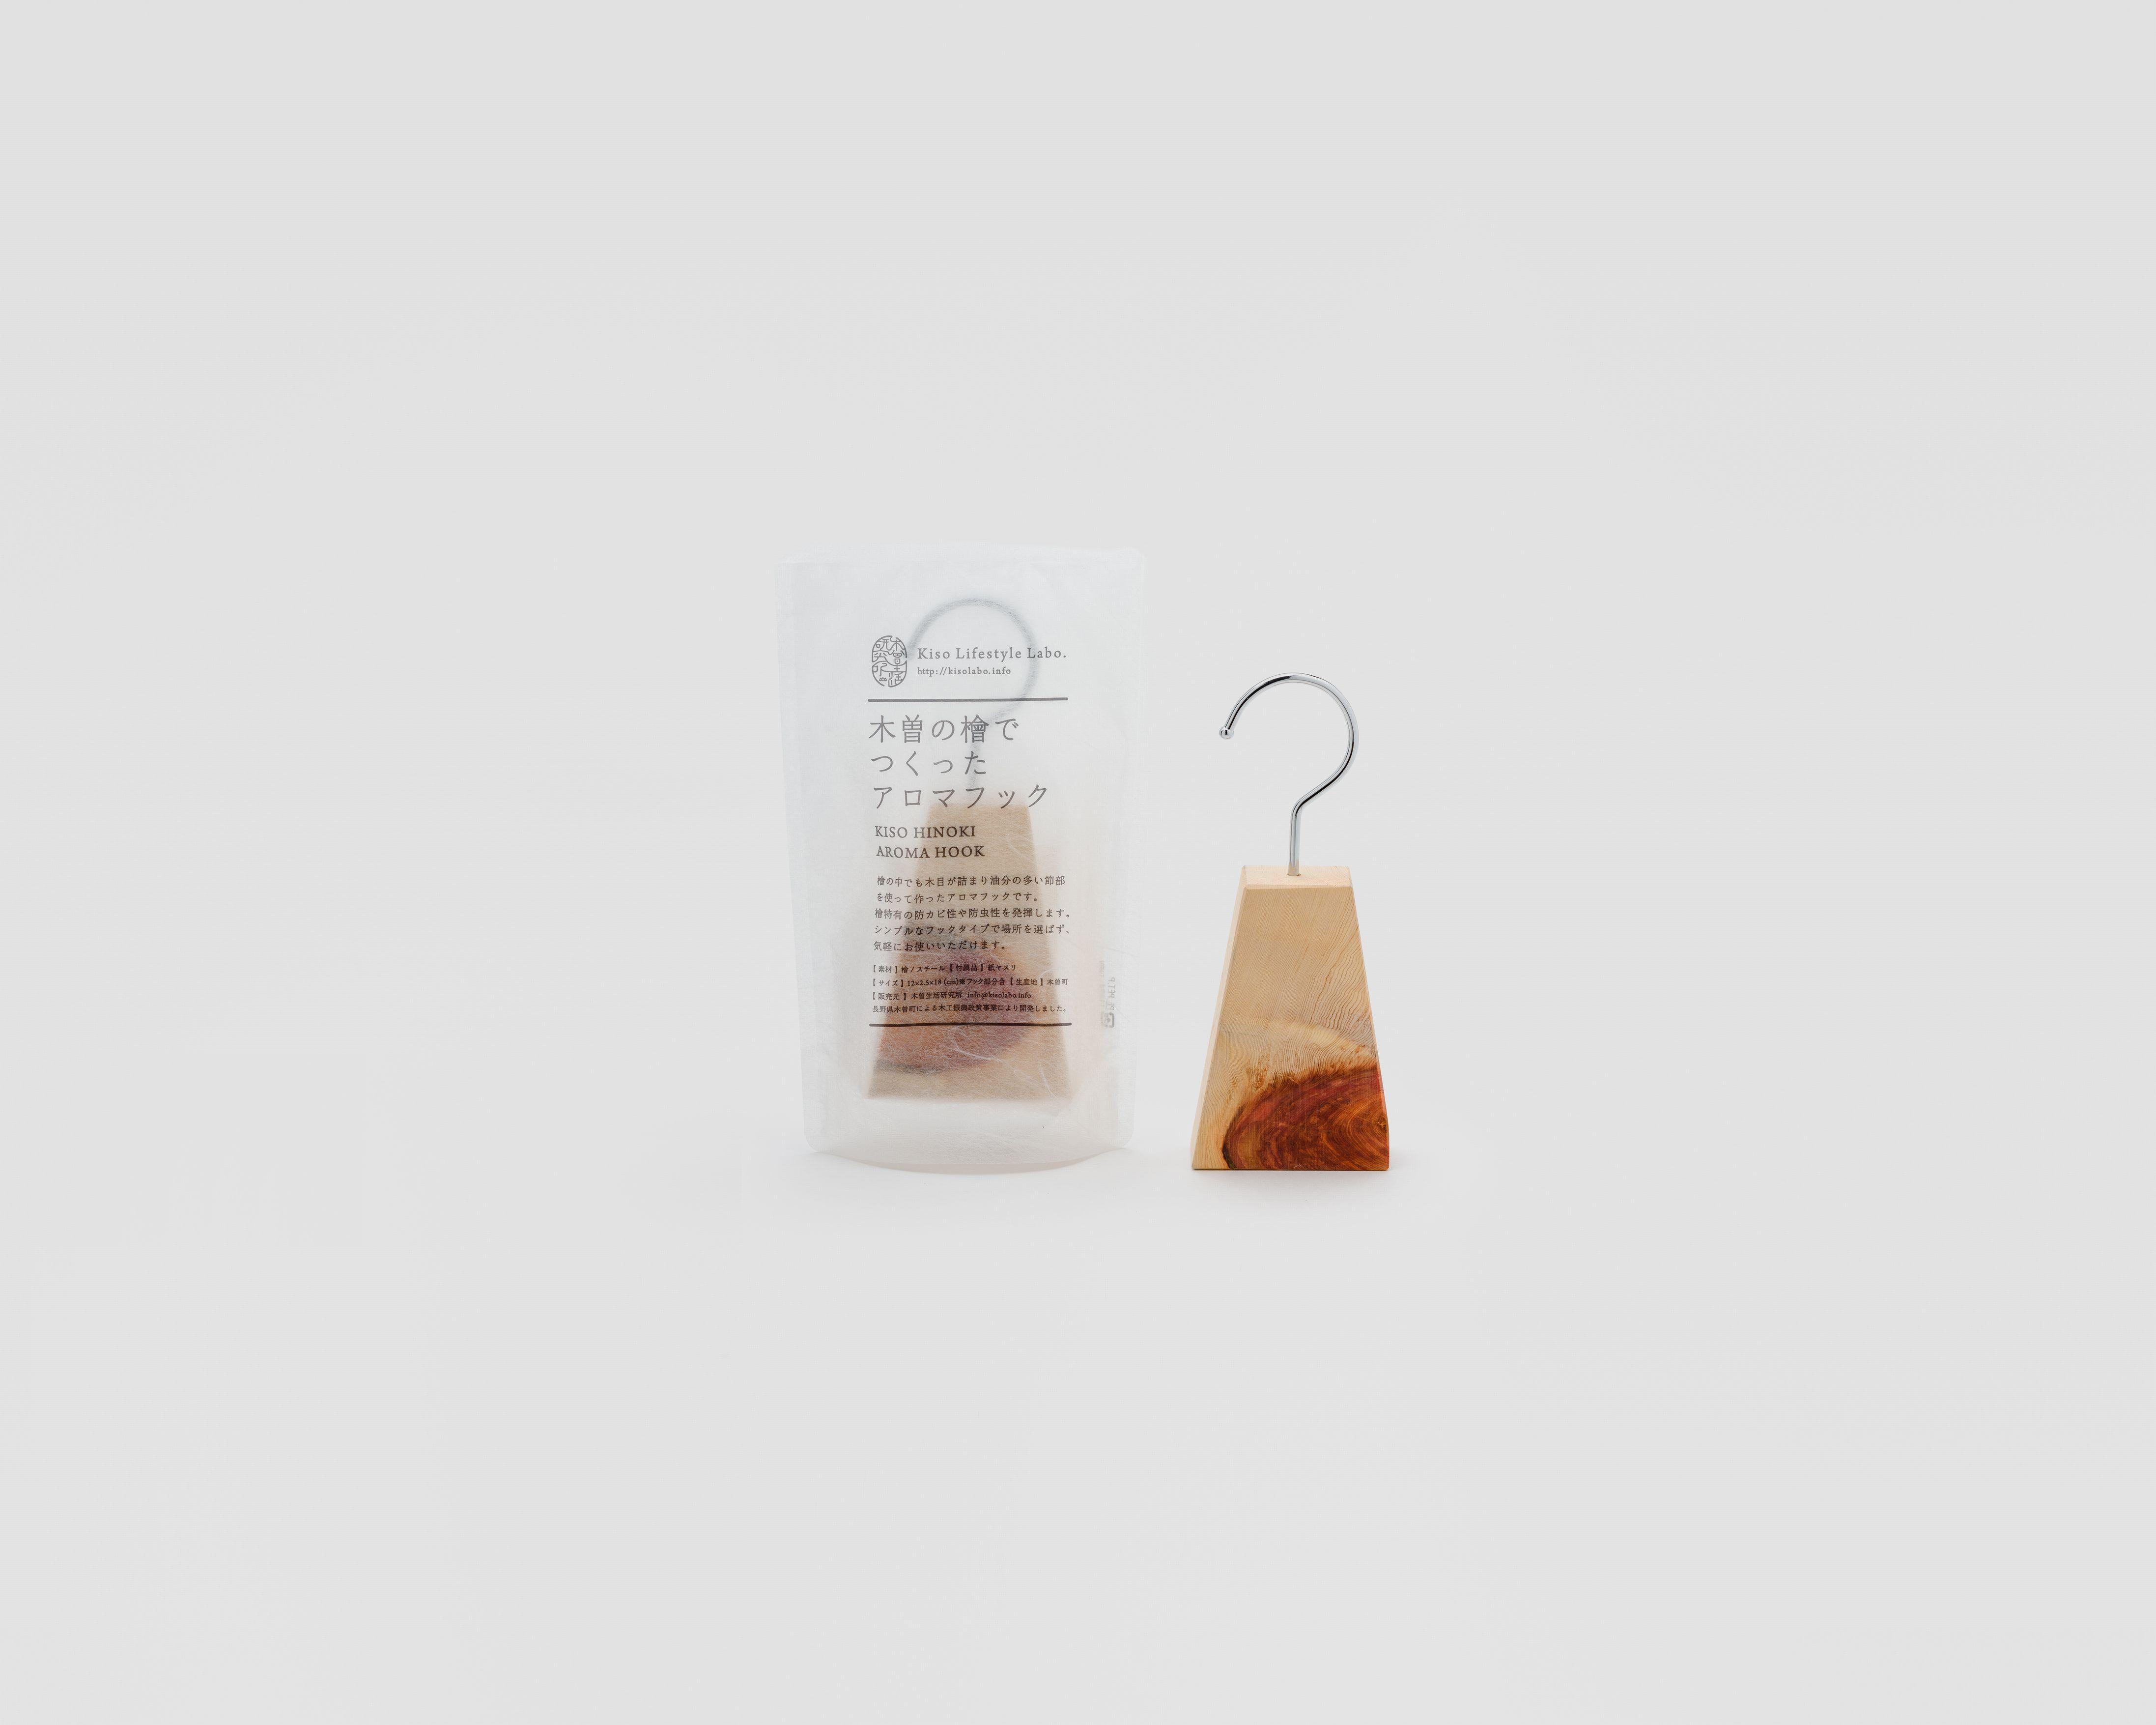 木曽の檜でつくったアロマフック03